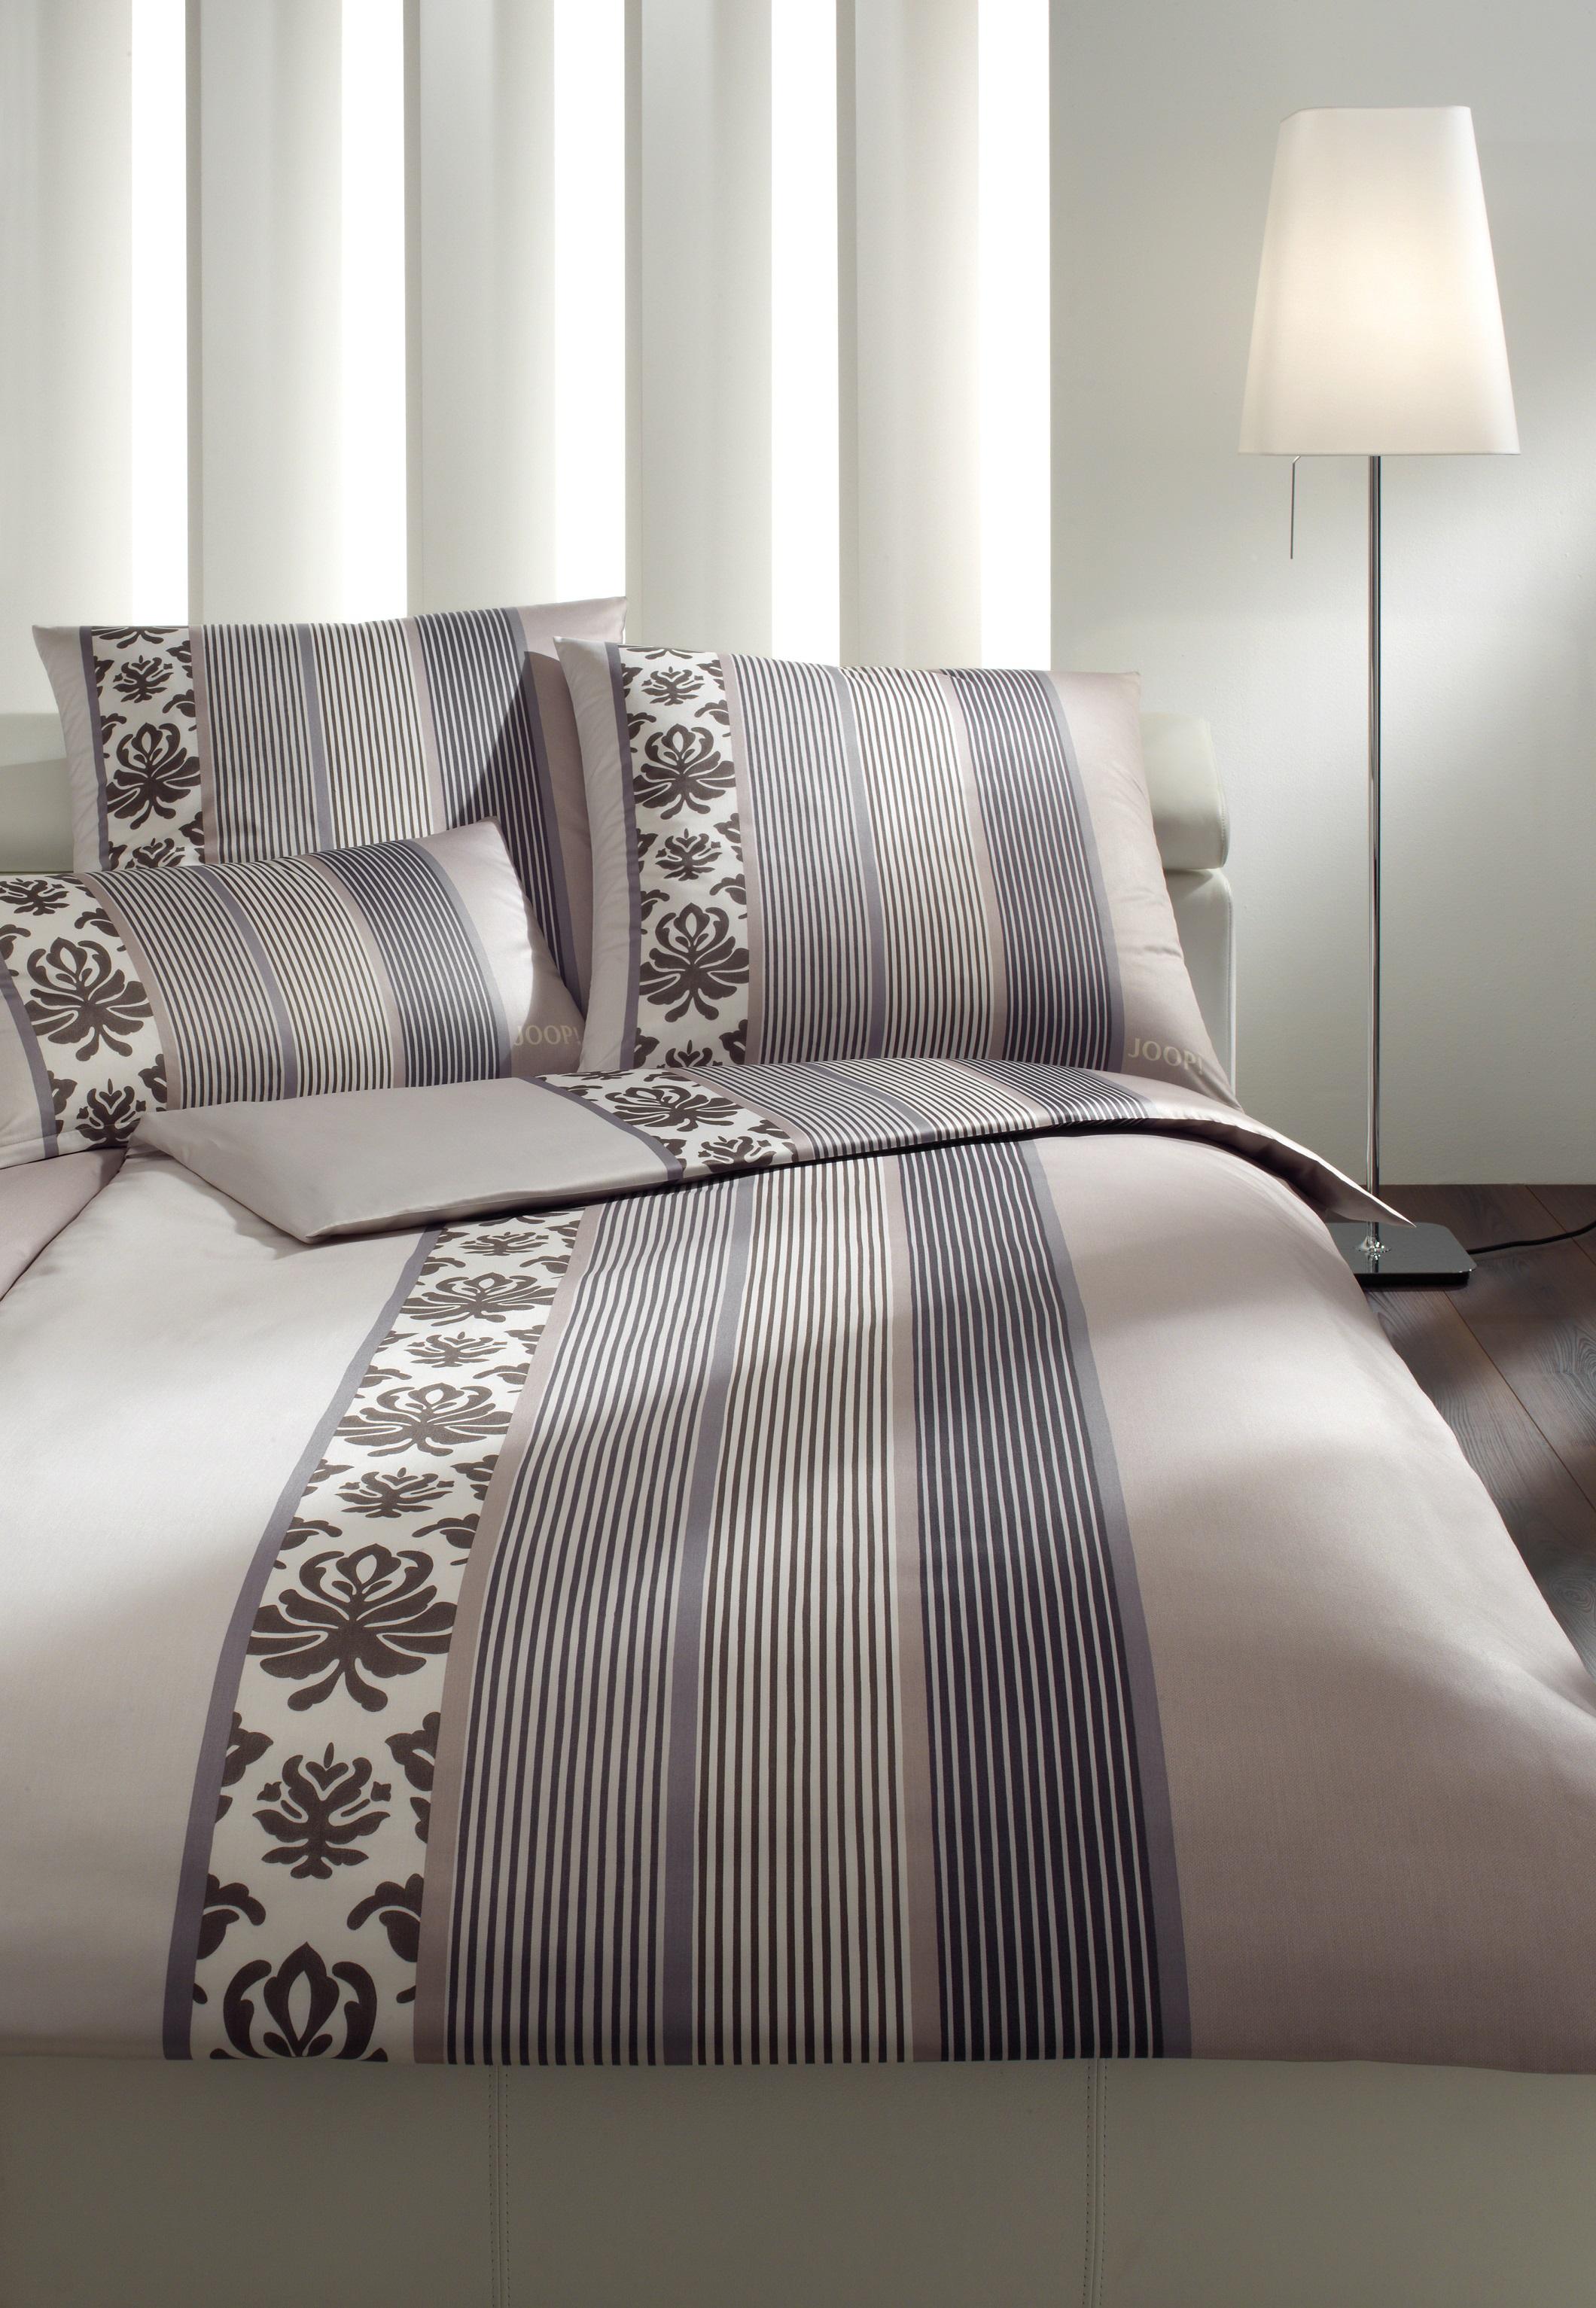 Möbel-Eins JOOP! Bettwäsche Ornament stripe beige-braun 4022-77 in 2 Größen